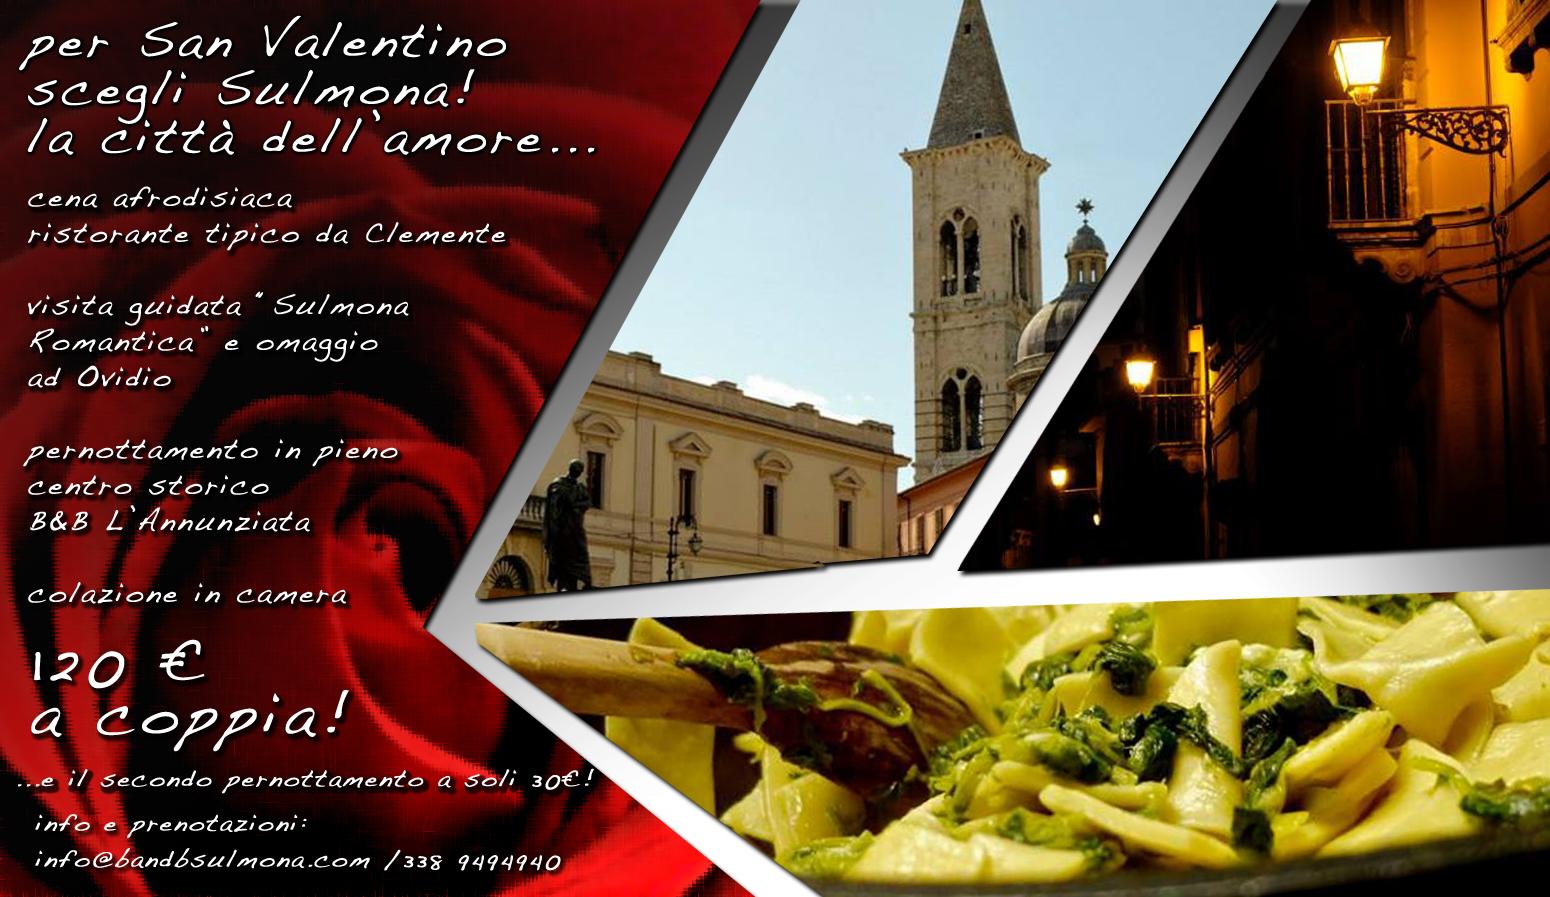 Soggiorno romantico: San Valentino a Sulmona!